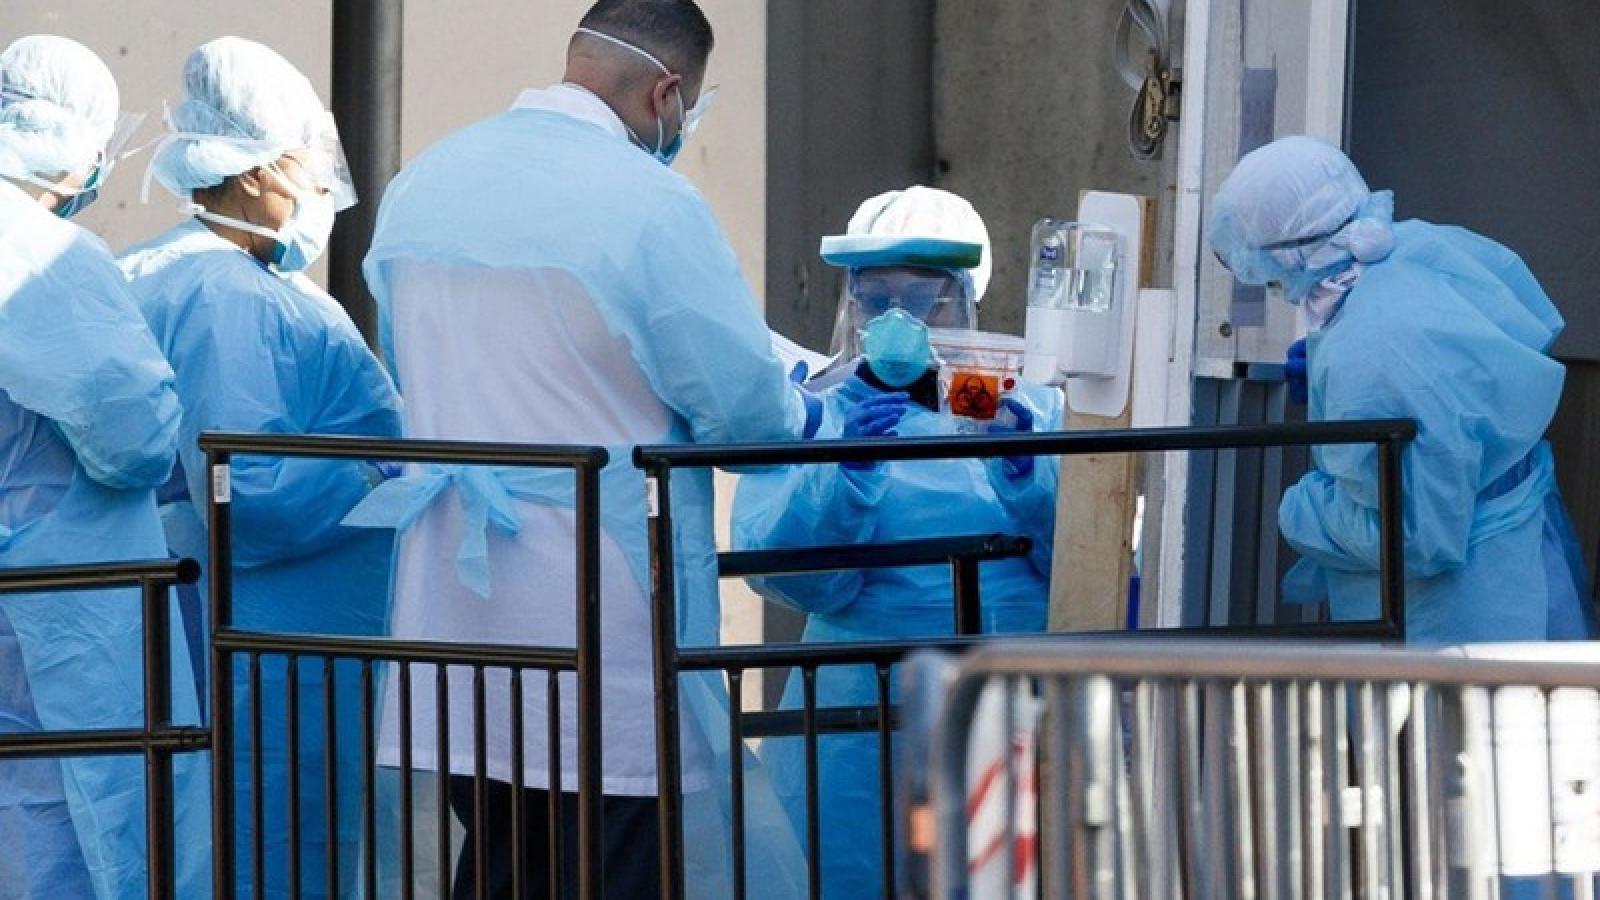 Mỹ cho phép sử dụng thuốc kháng virus Remdesivir để điều trị Covid-19